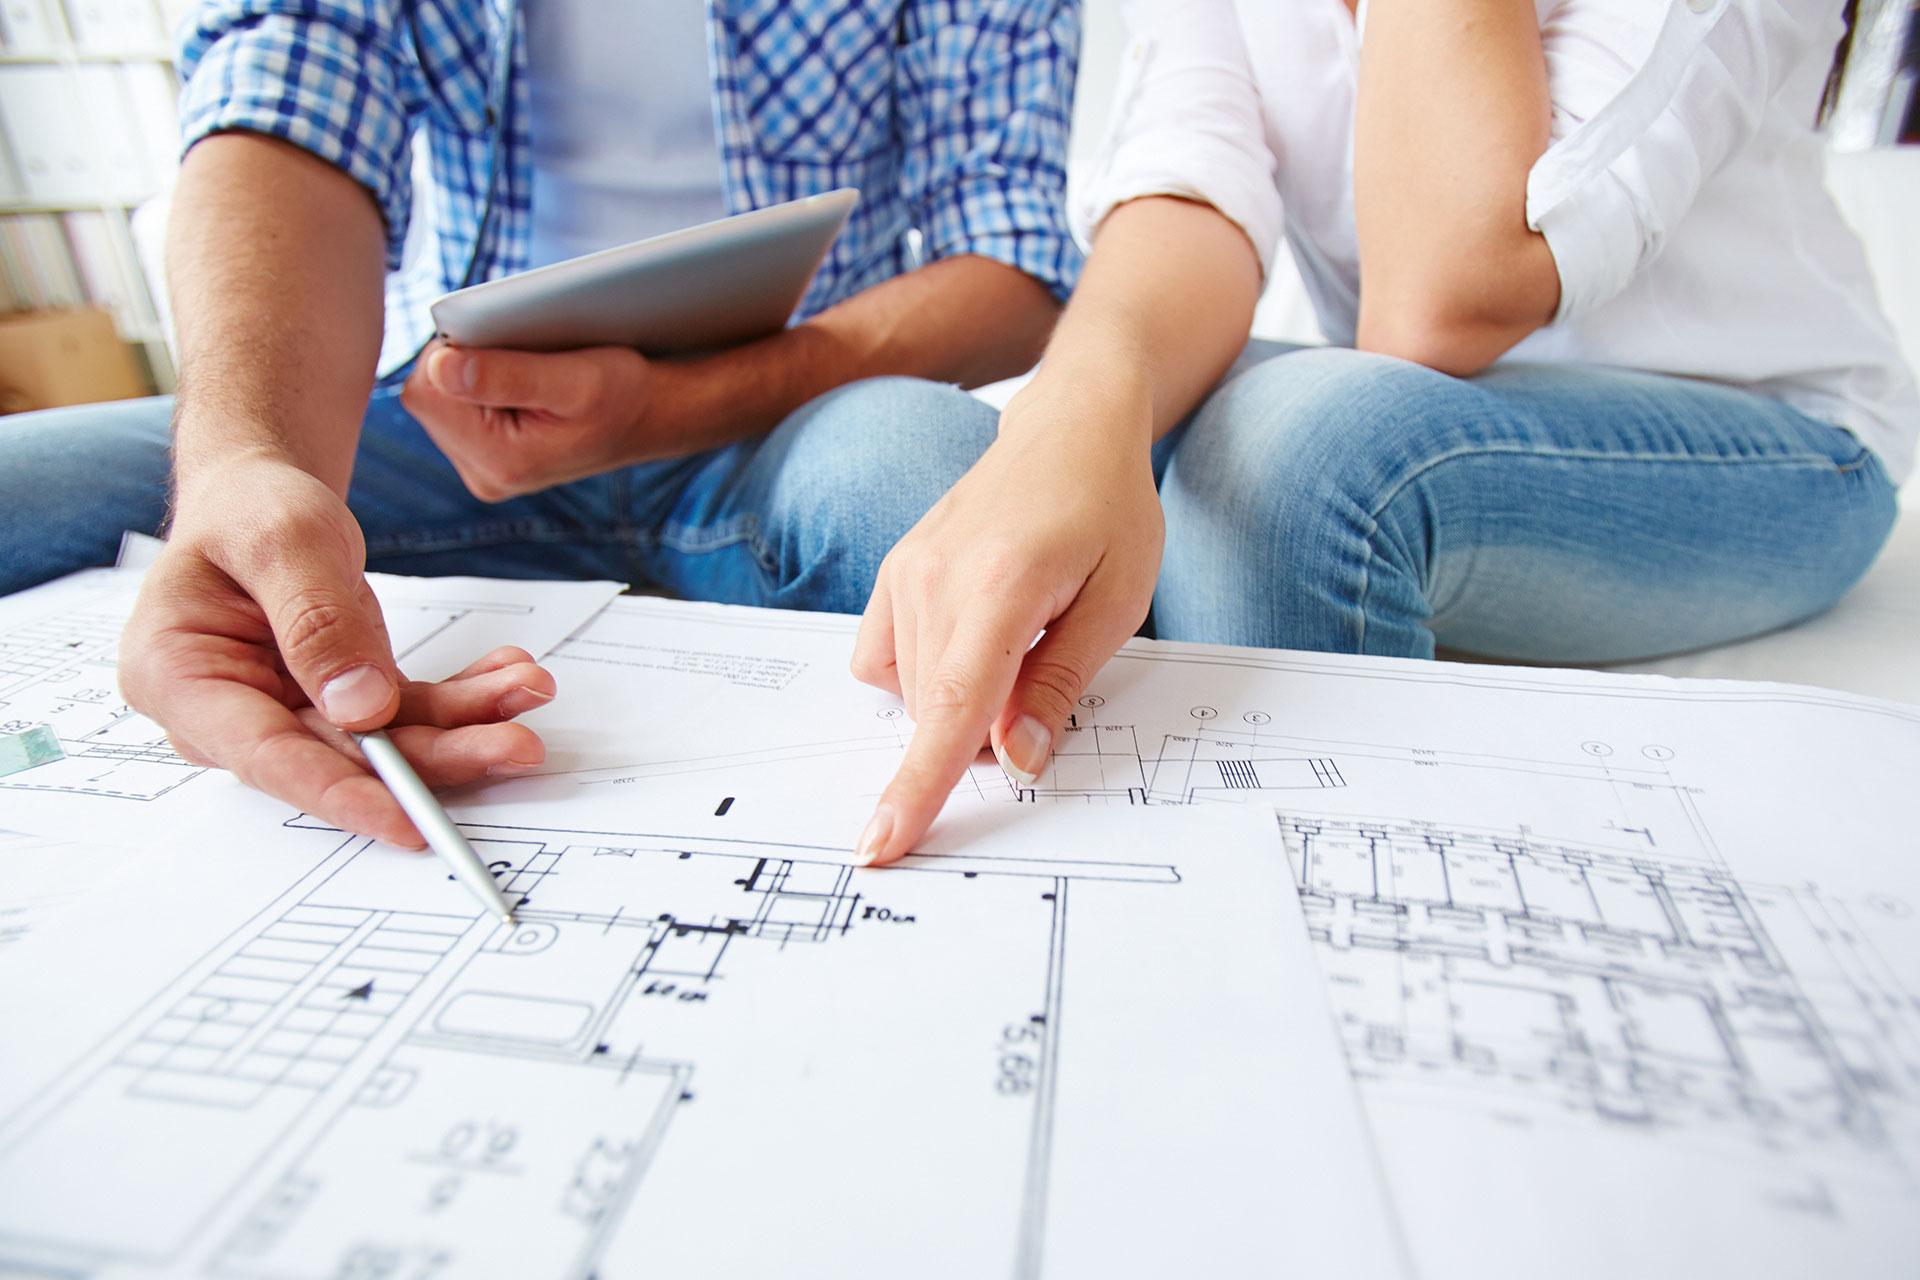 ¿Cómo interpretar correctamente los planos de viviendas?